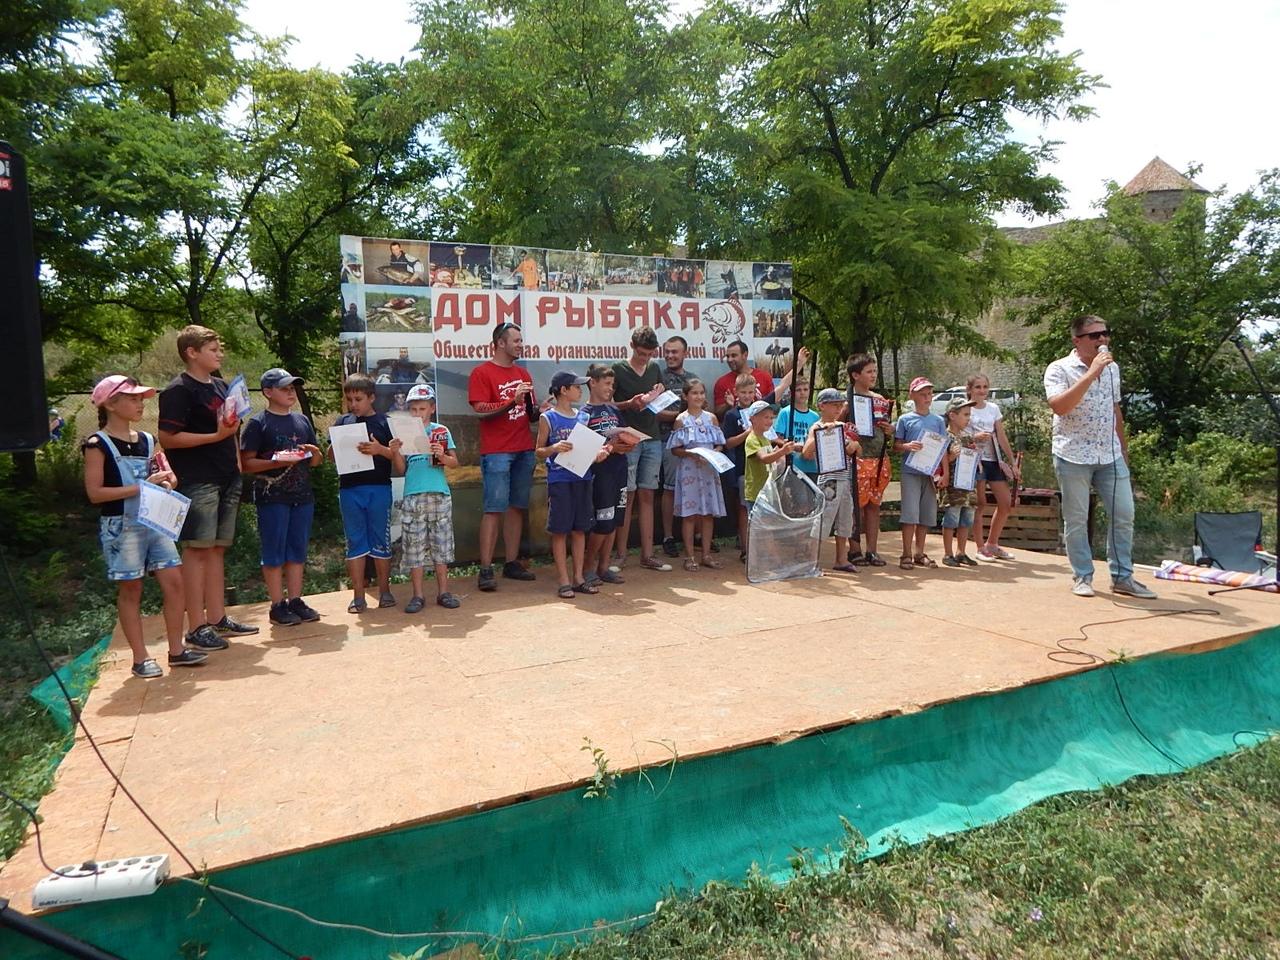 Турнир по рыбалке в Аккермане: коллективная уха, фестиваль молодежной музыки и катание по лиману